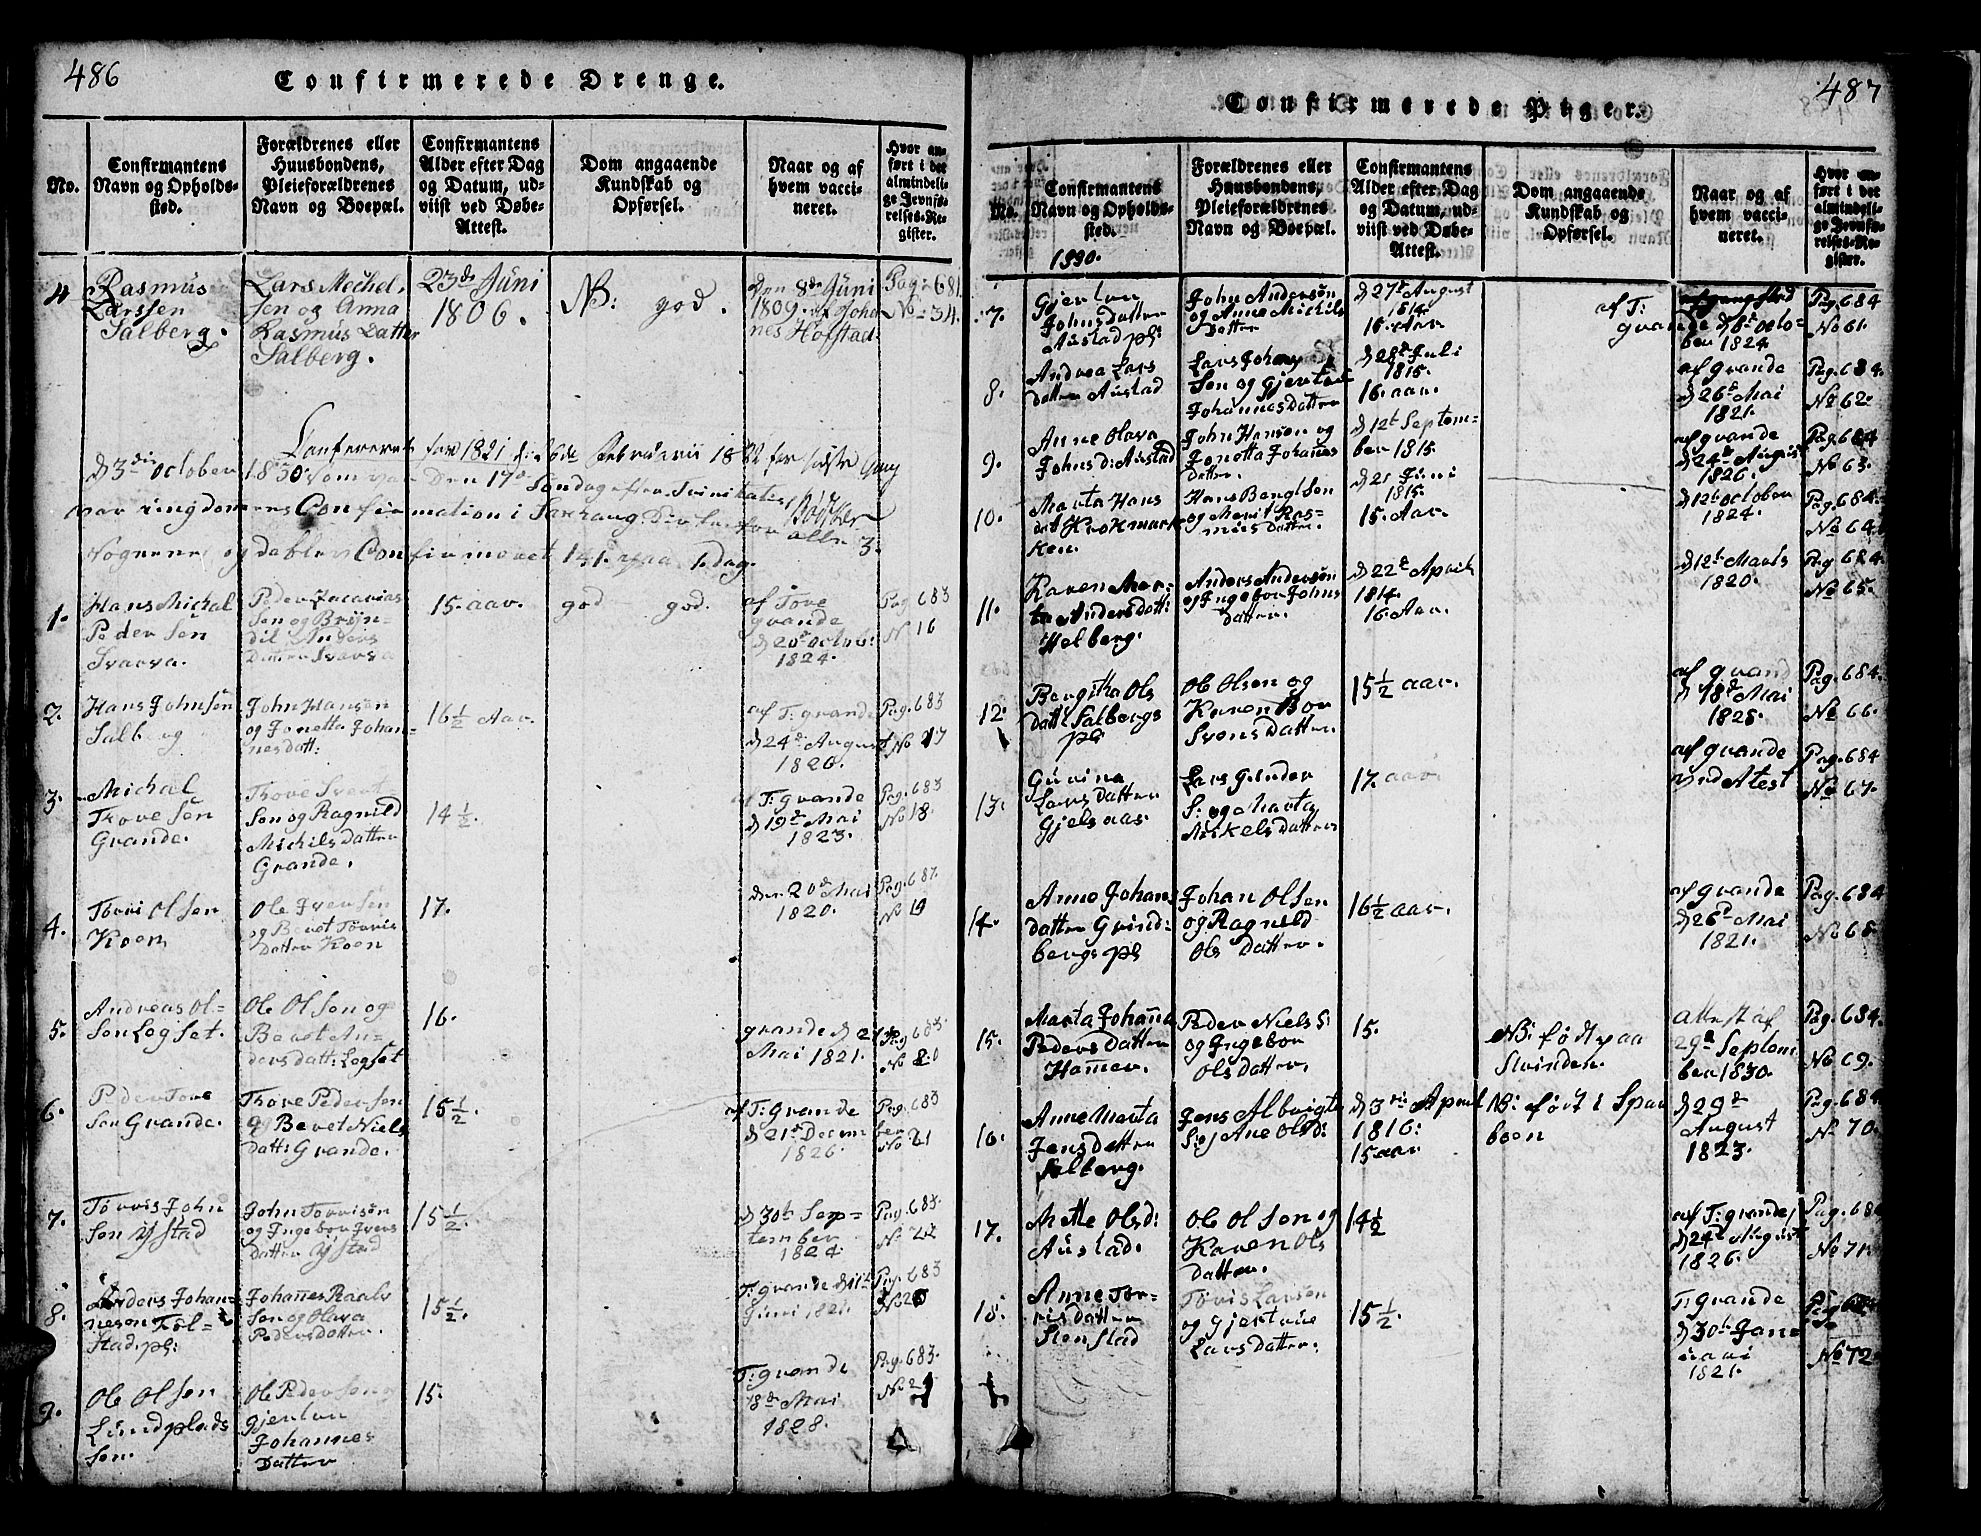 SAT, Ministerialprotokoller, klokkerbøker og fødselsregistre - Nord-Trøndelag, 731/L0310: Klokkerbok nr. 731C01, 1816-1874, s. 486-487